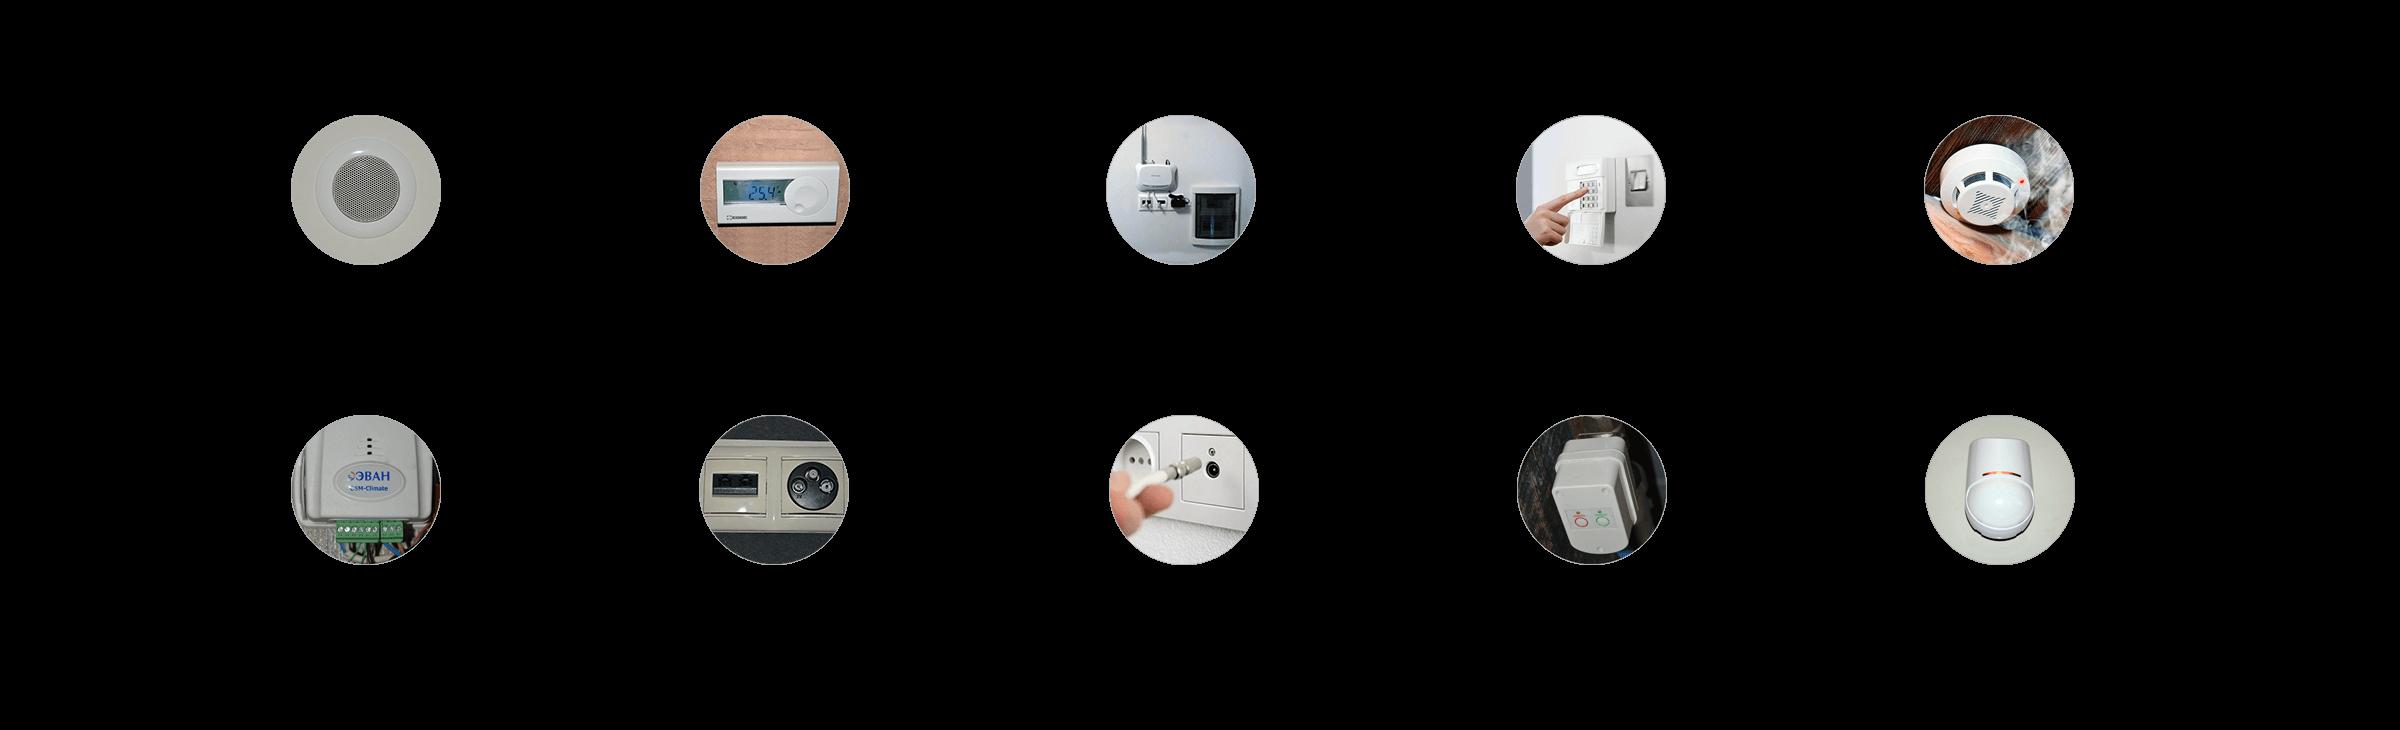 I'm House - Слаботочные сети и системы безопасности